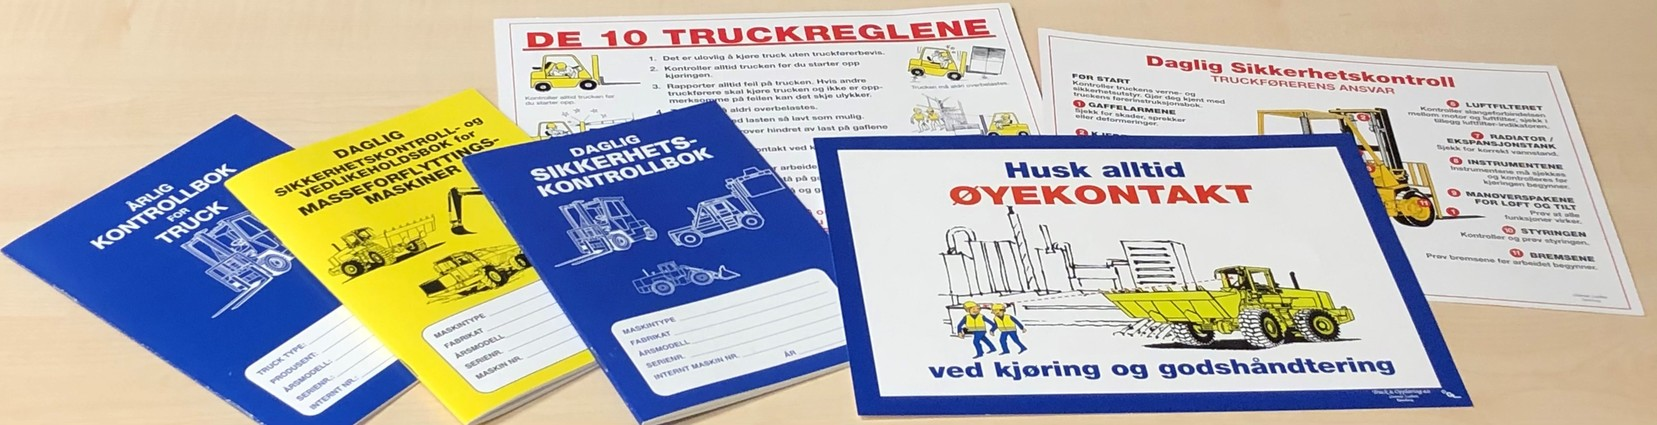 Kampanje: Gunnar Luthen materiell